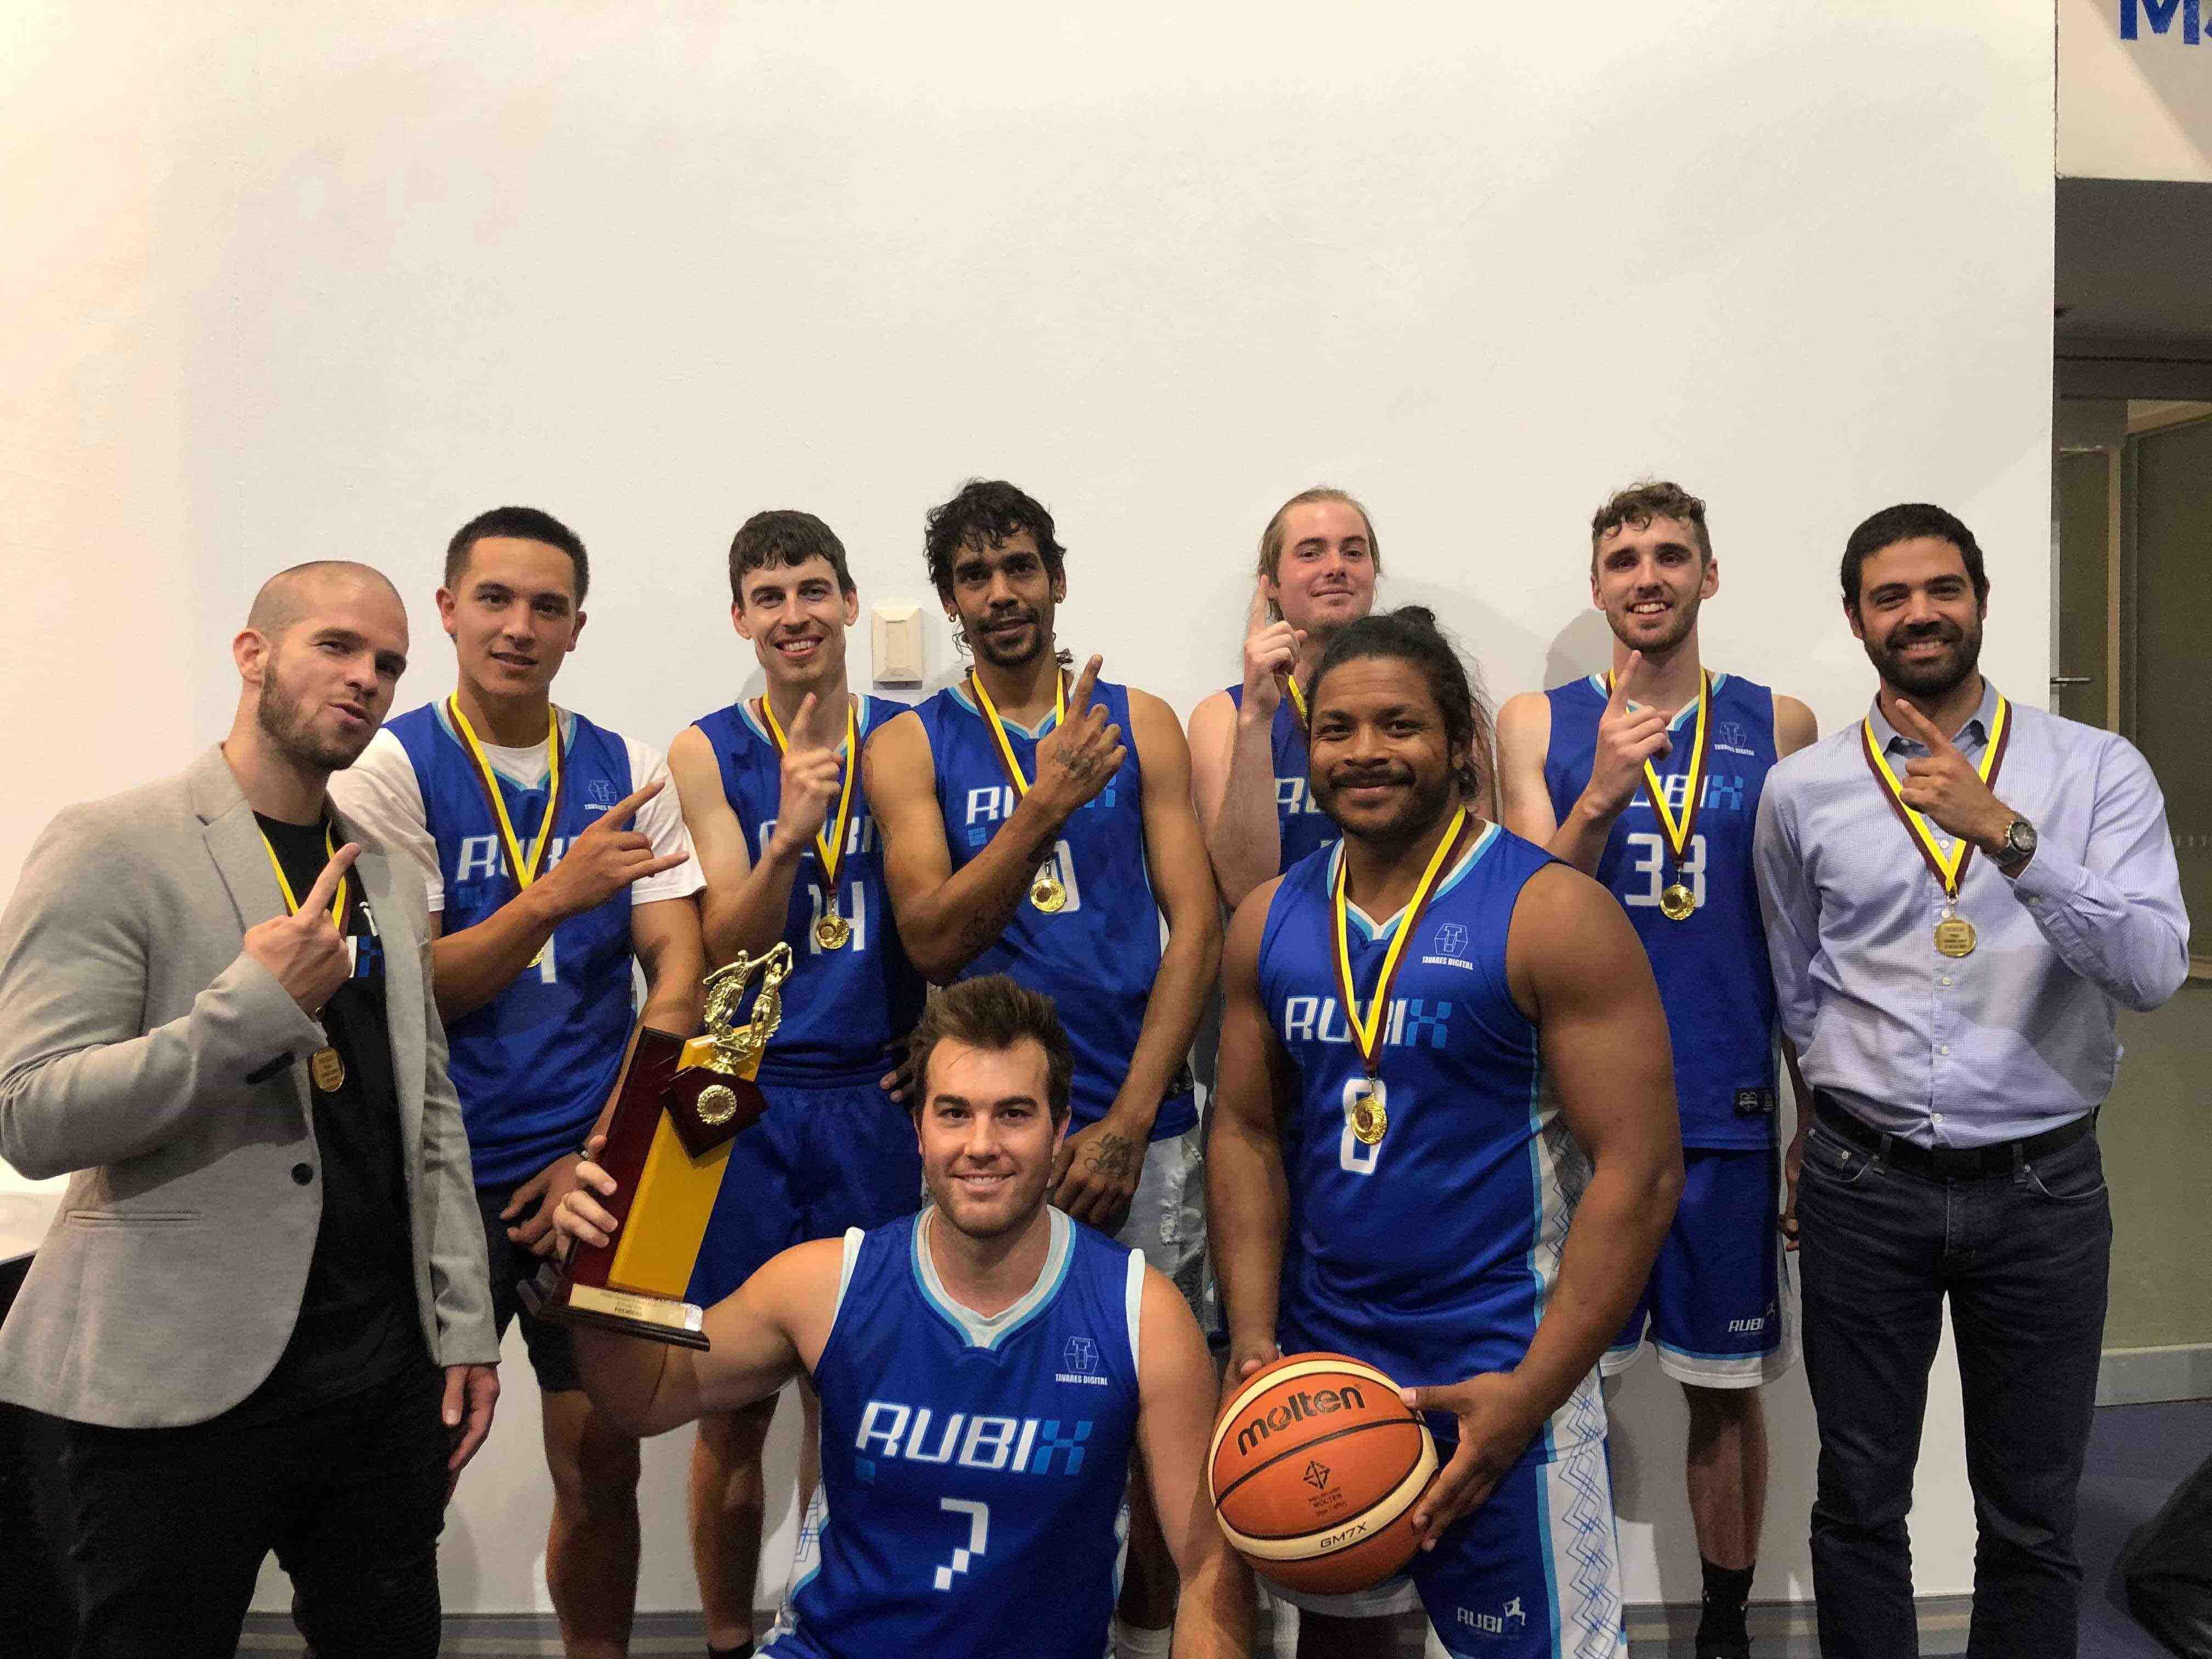 rubix basketball team champions plyometrics